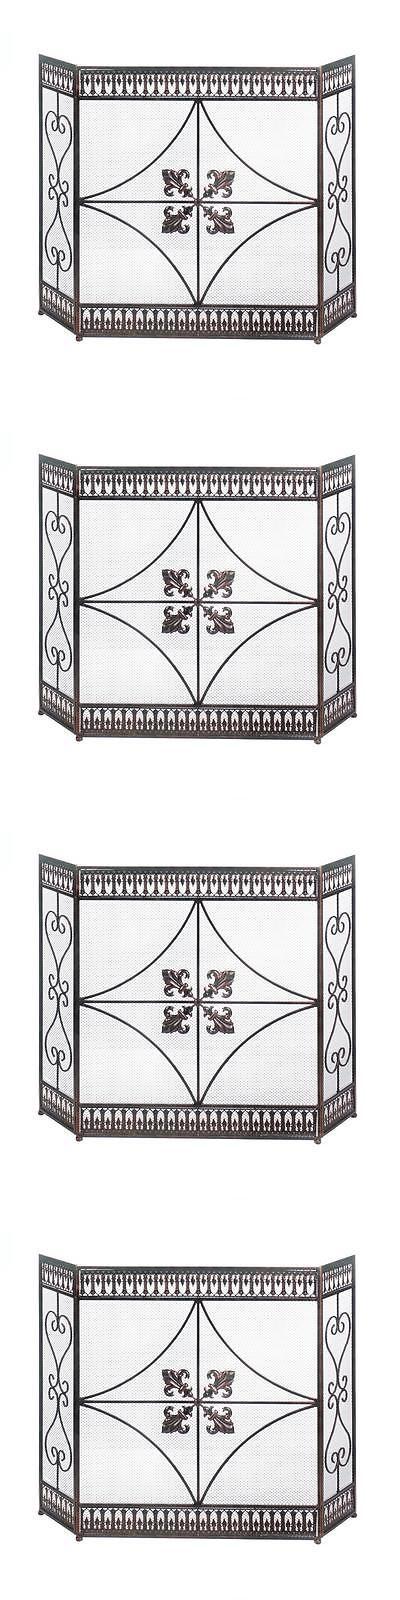 Fireplace Design fireplace screens : Best 20+ Fireplace screens ideas on Pinterest | Farmhouse ...